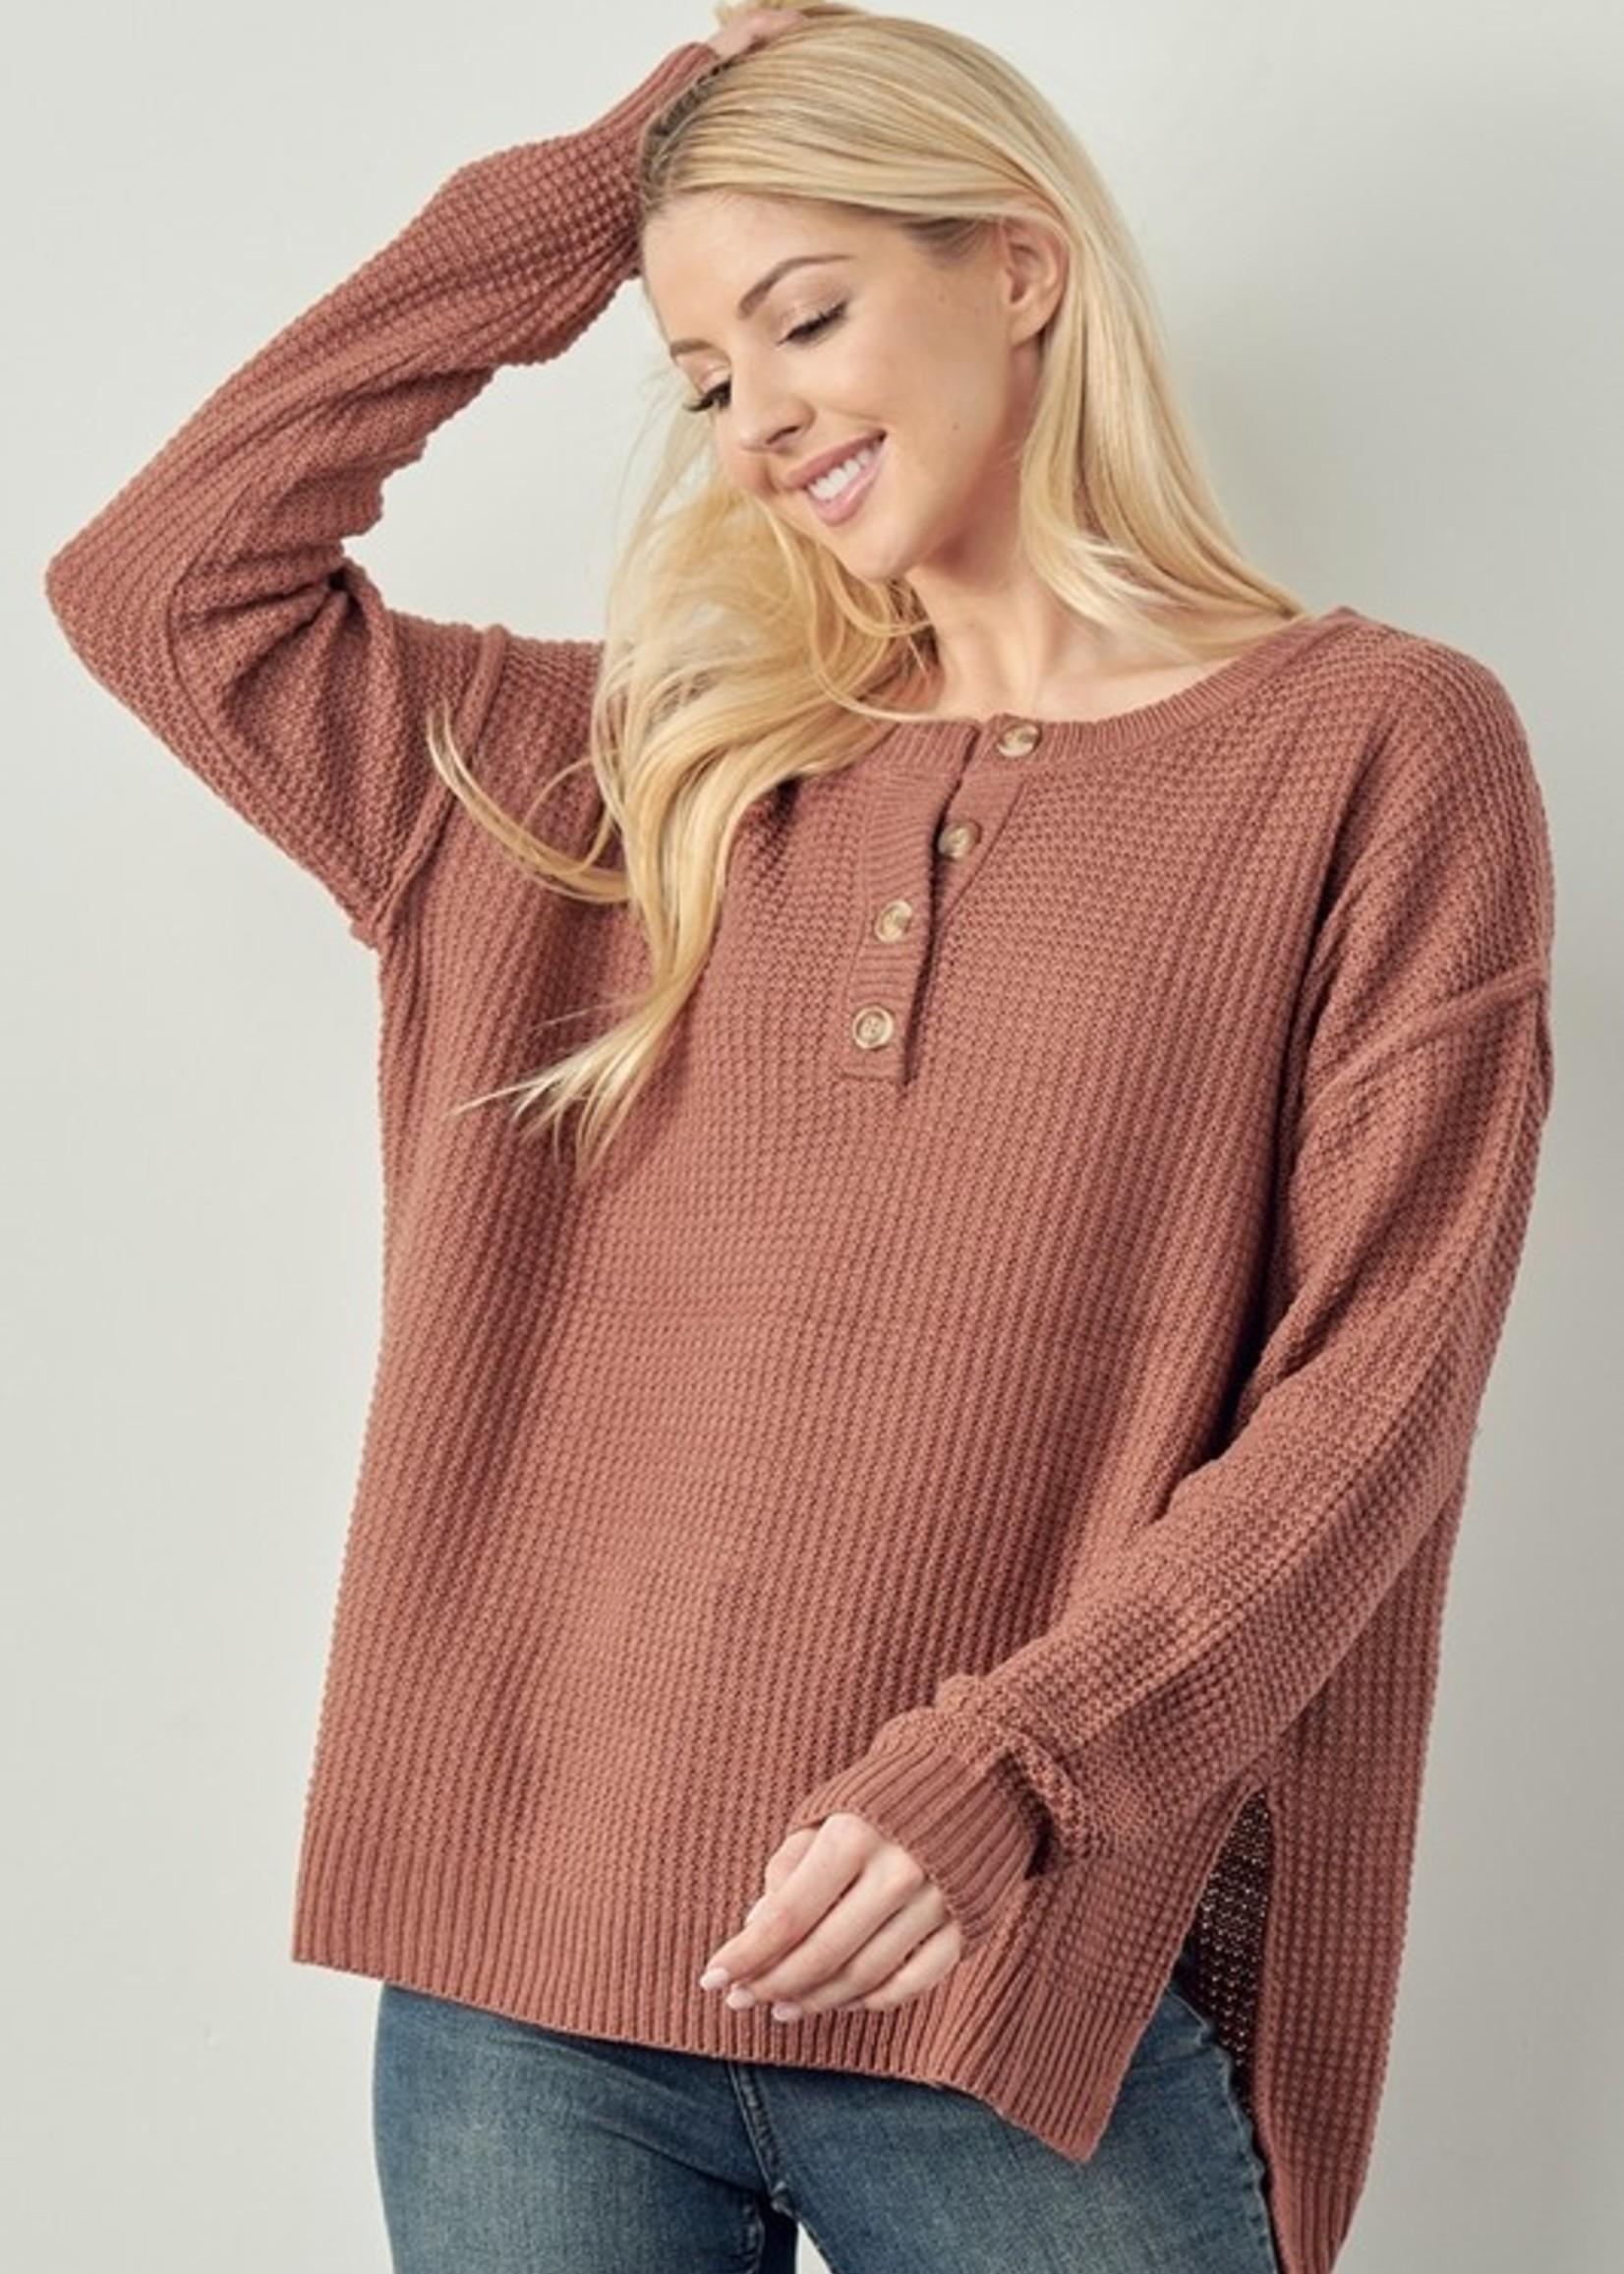 Waffle Henley Sweater - Poppy